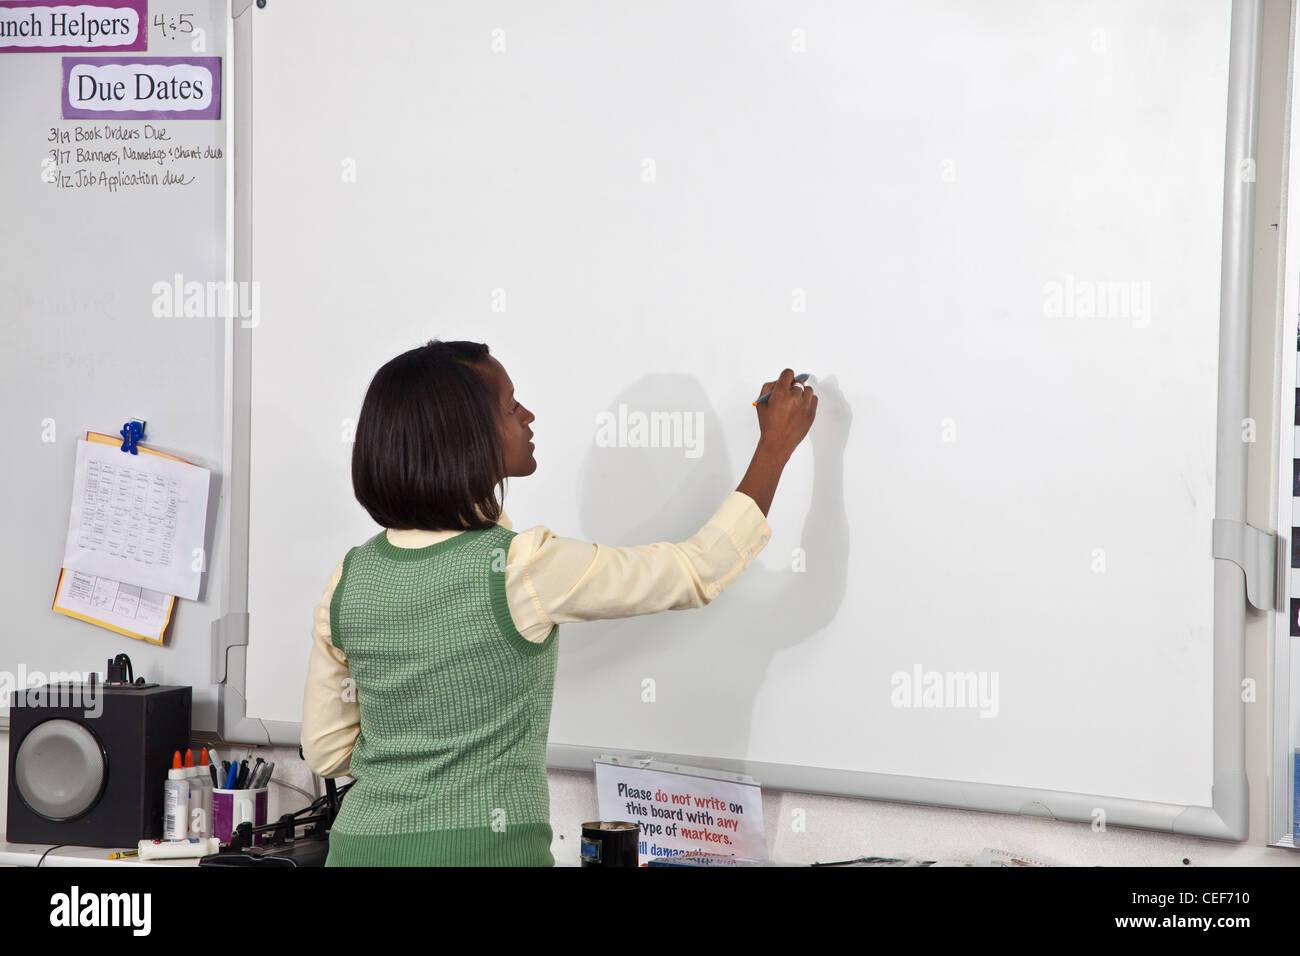 Multi etnico diversità razziale razziale multiculturale multi culturale interracial inter insegnante femminile Immagini Stock